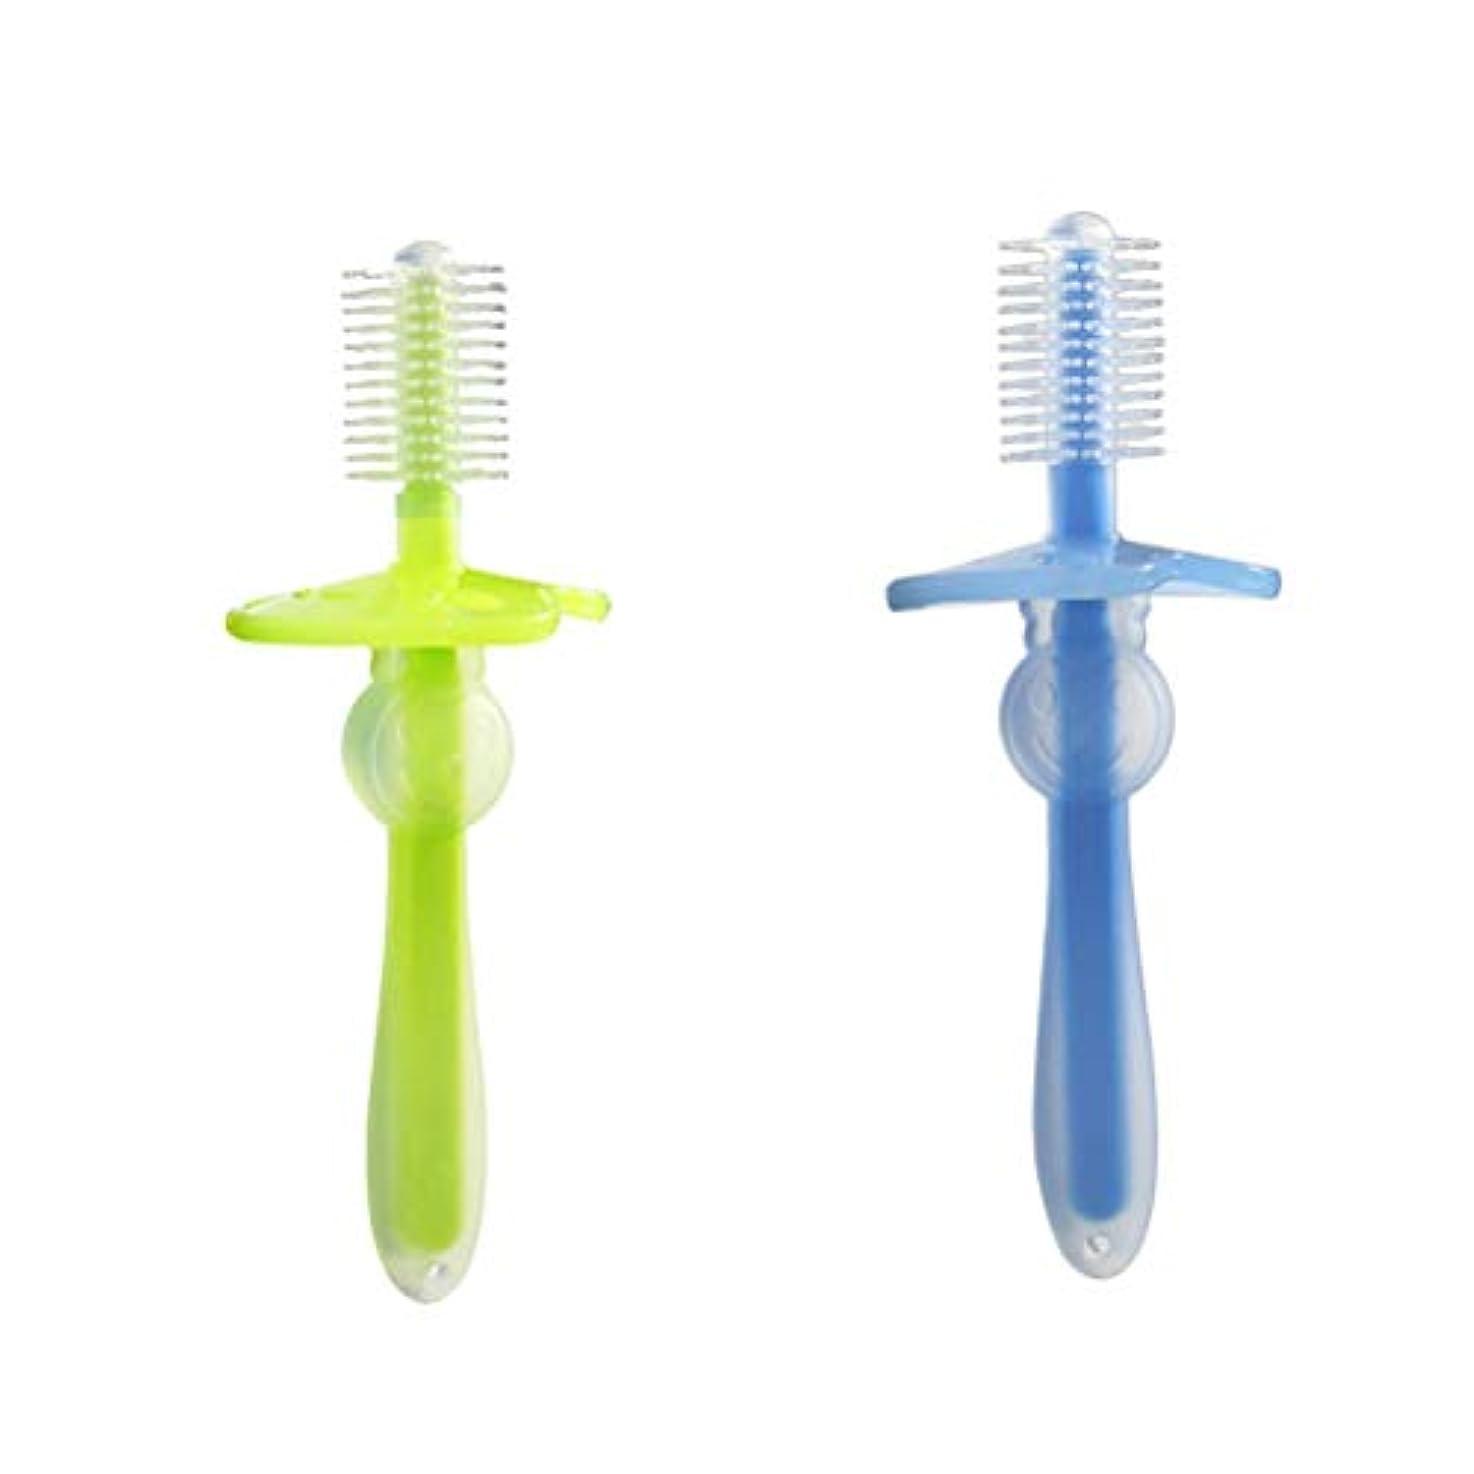 自動学者曲線Healifty 歯ブラシ シリコン 360°ベビー歯ブラシ 幼児 柔軟なトレーニング歯ブラシ 2ピース(緑と青)